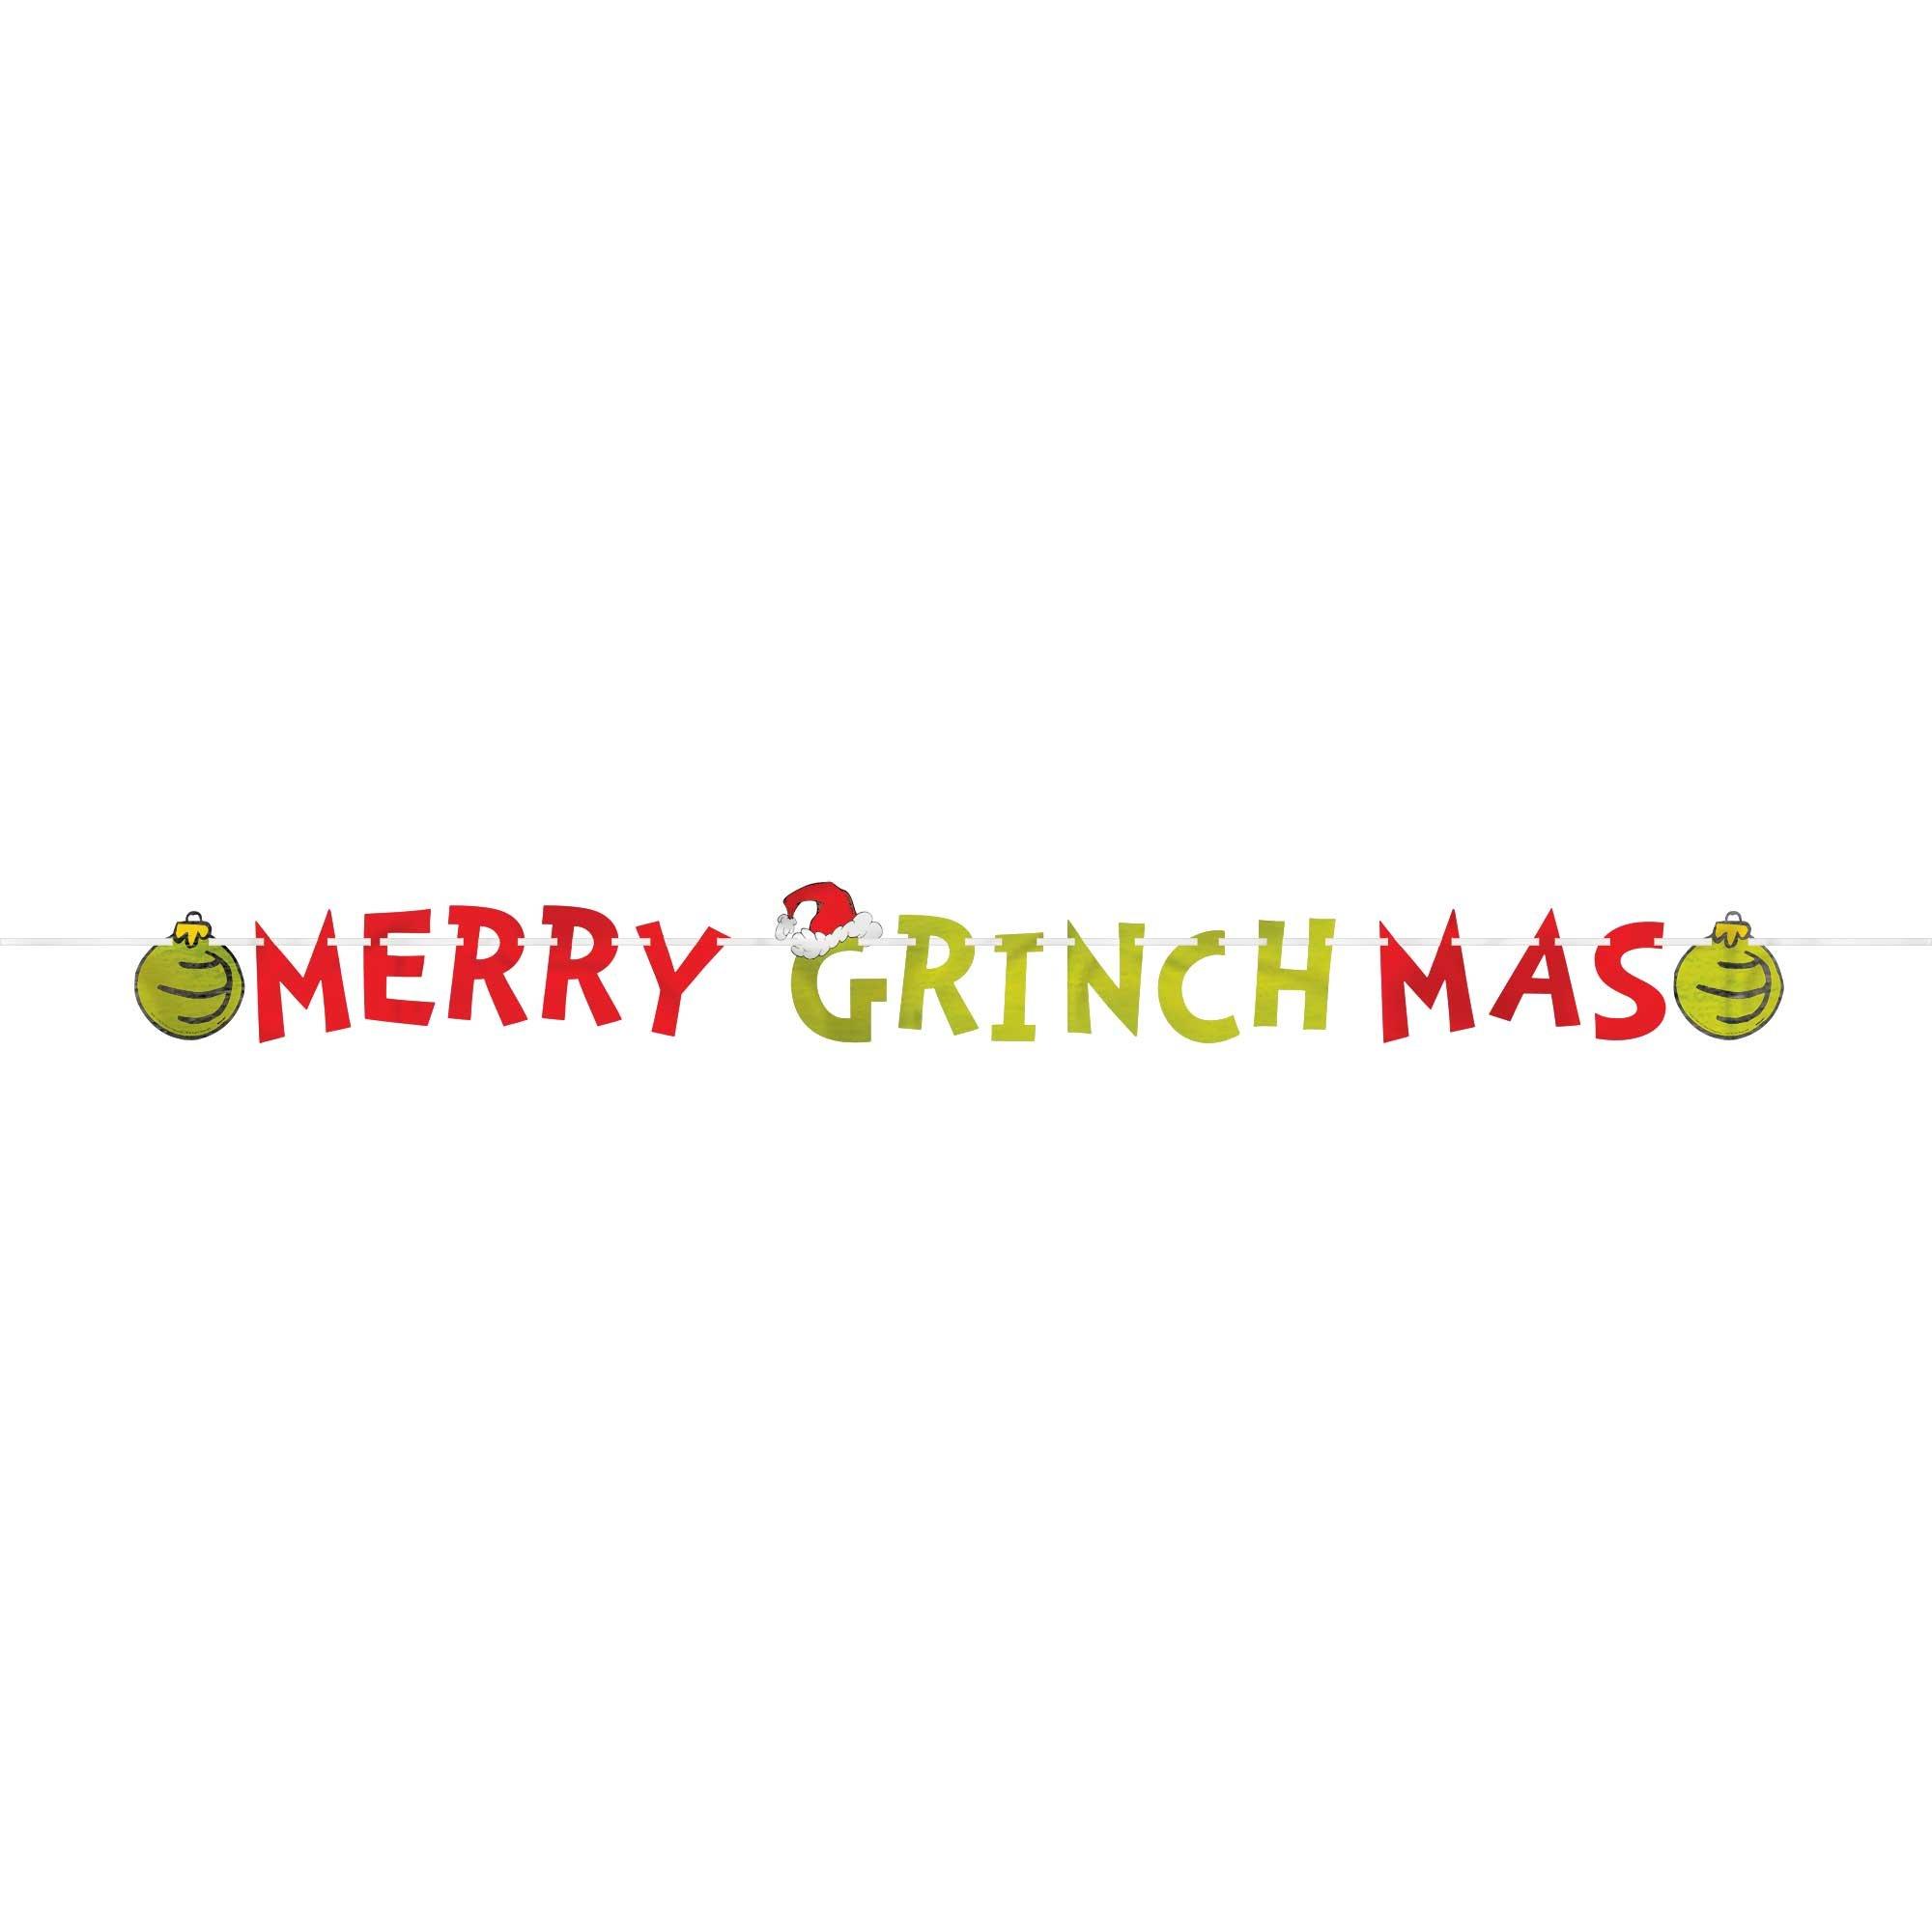 Dr. Seuss The Grinch Merry Grinchmas Foil Letter Banner